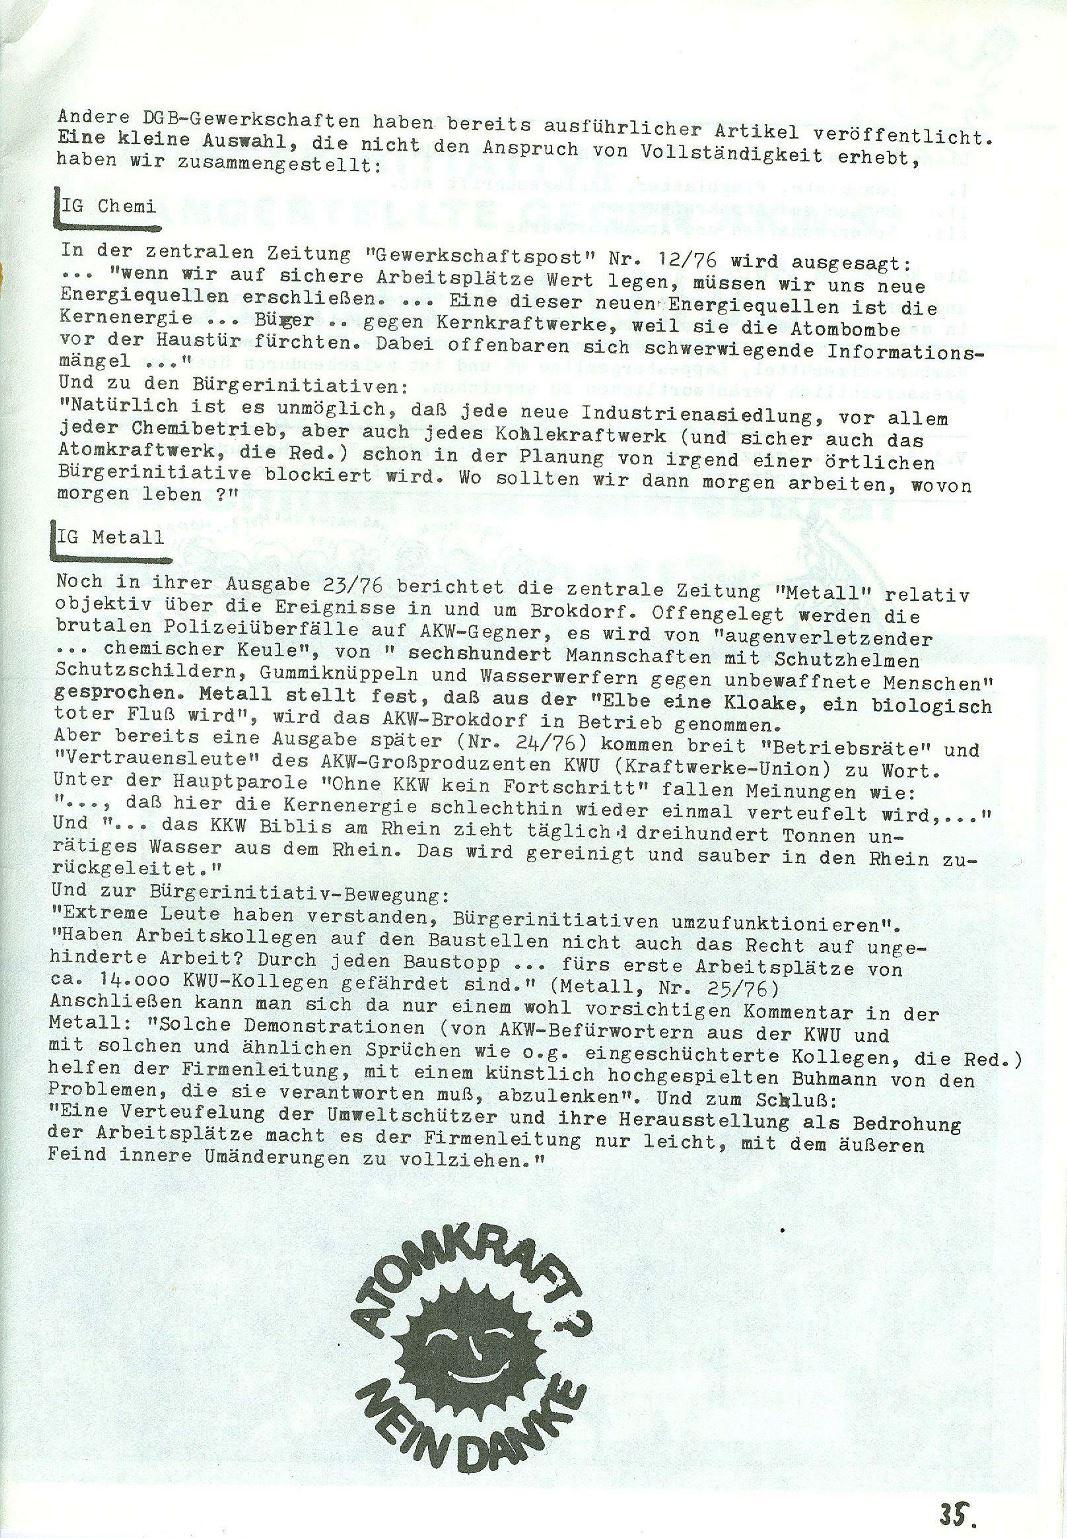 Hamburg_AKW536